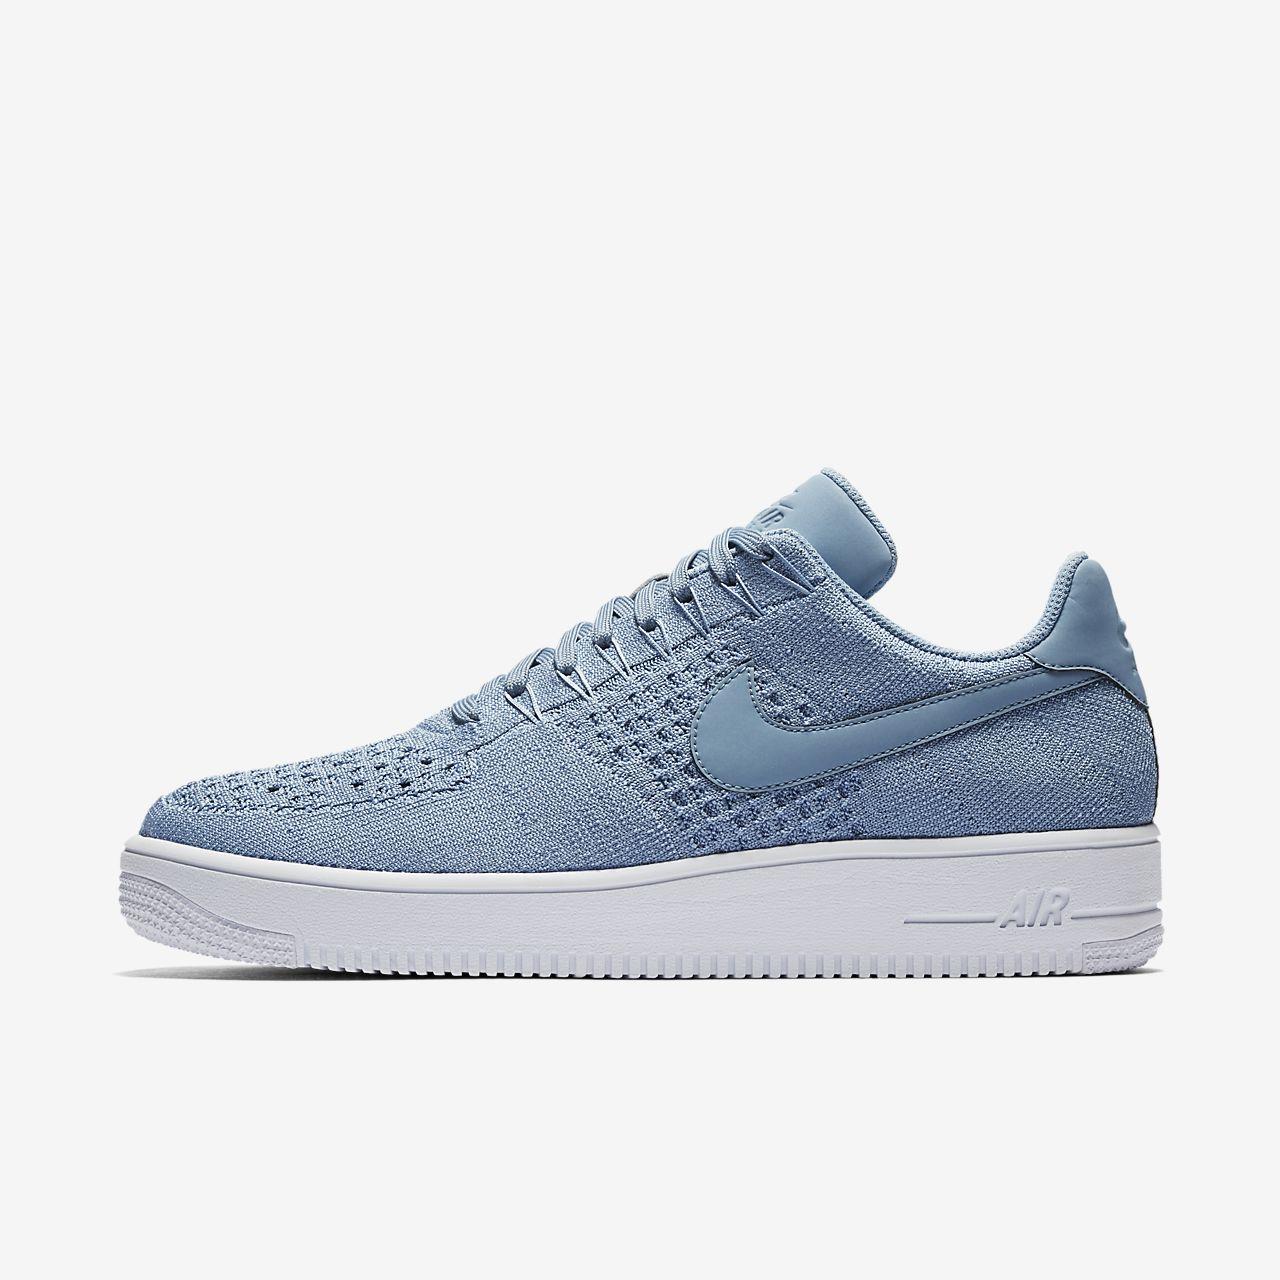 ... Nike Air Force 1 Ultra Flyknit Low Men\u0027s Shoe